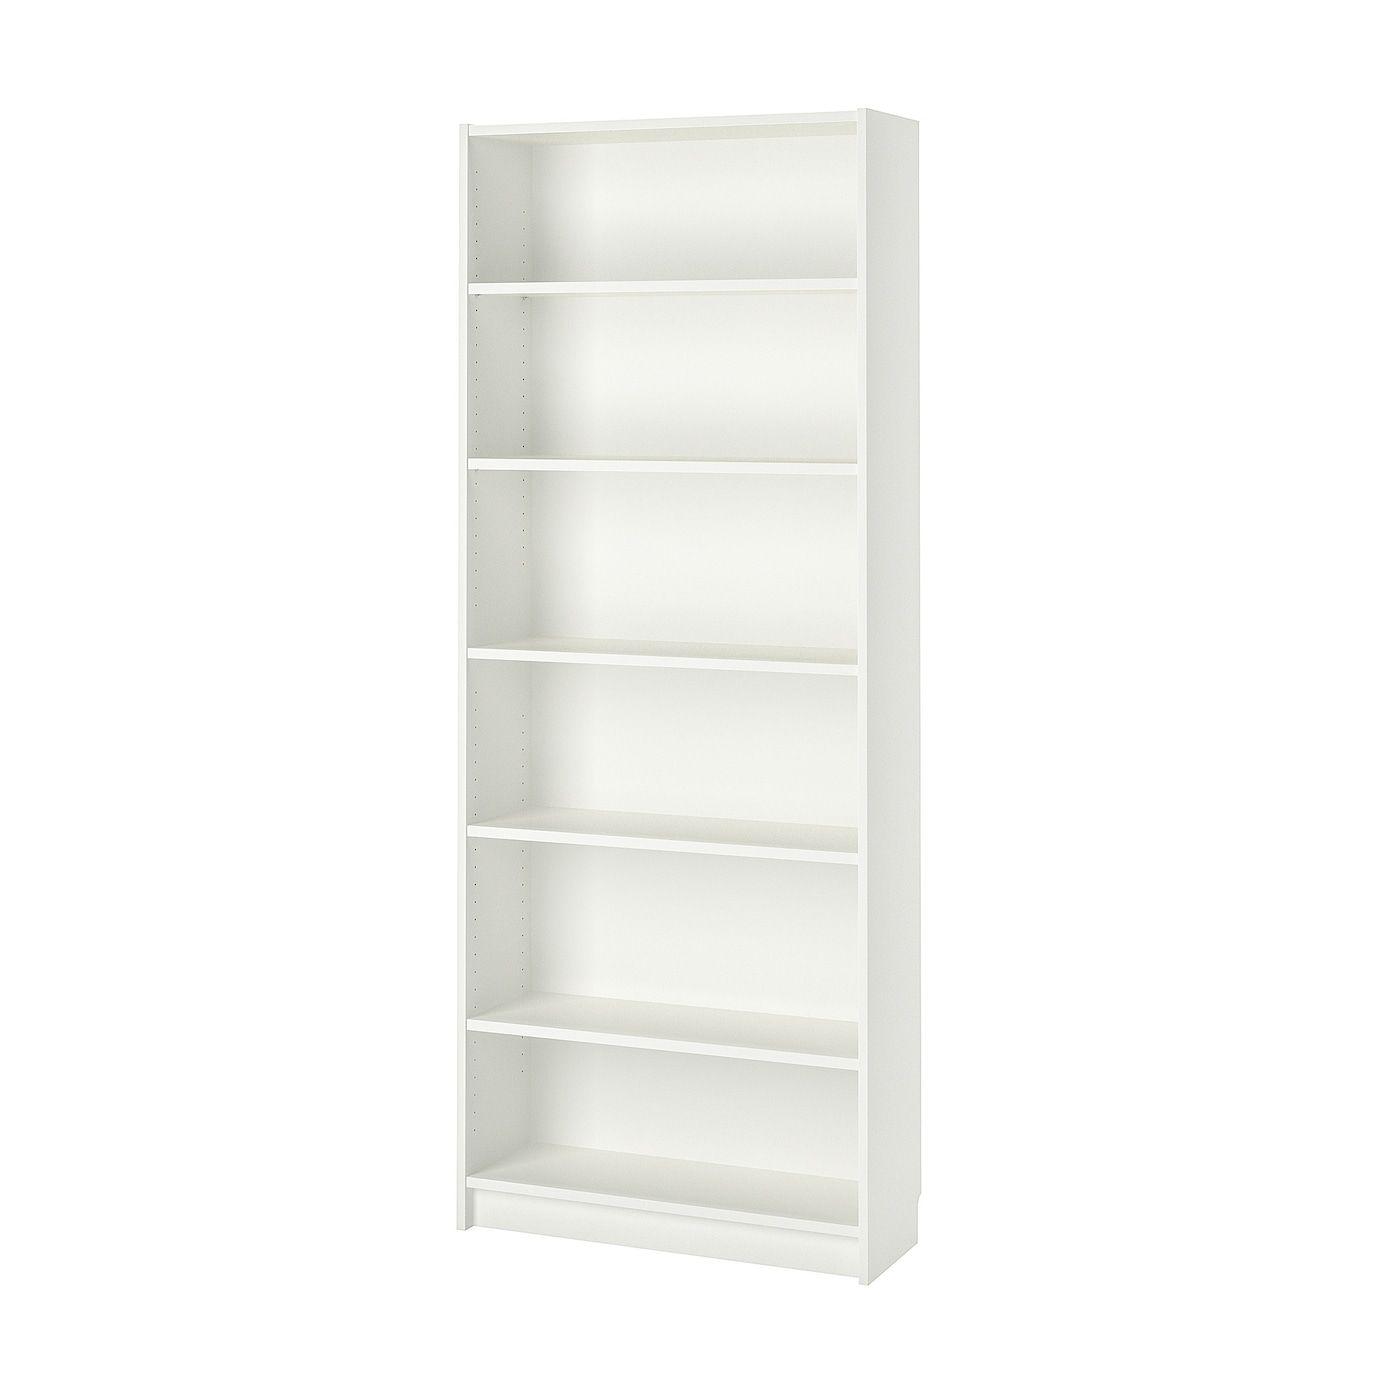 Billy Bookcase White 31 1 2x11x79 1 2 Ikea Billy Ikea Bookcase Ikea Billy Bookcase